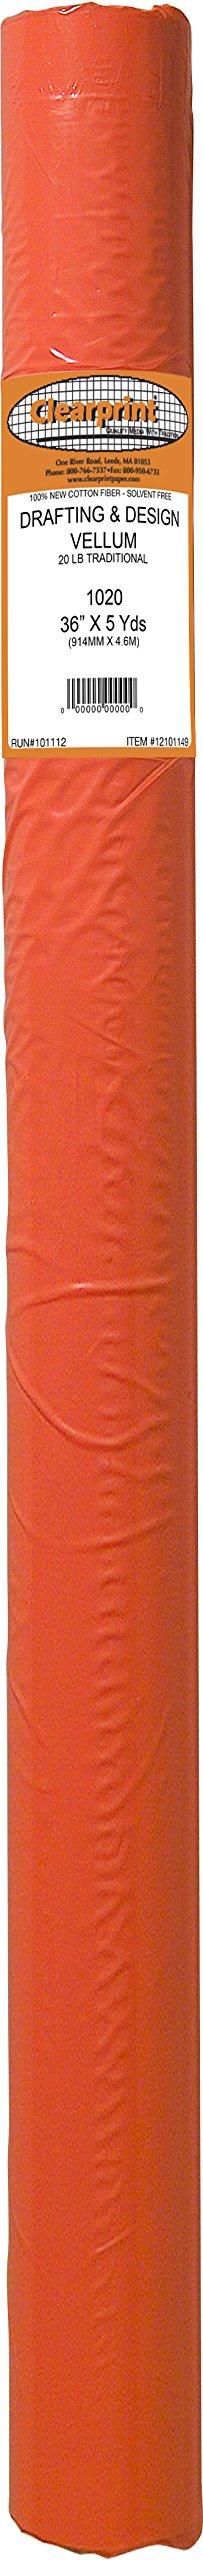 CLEARPRINT Alvin Cp12101149 36'' Vellum Roll (12101149)